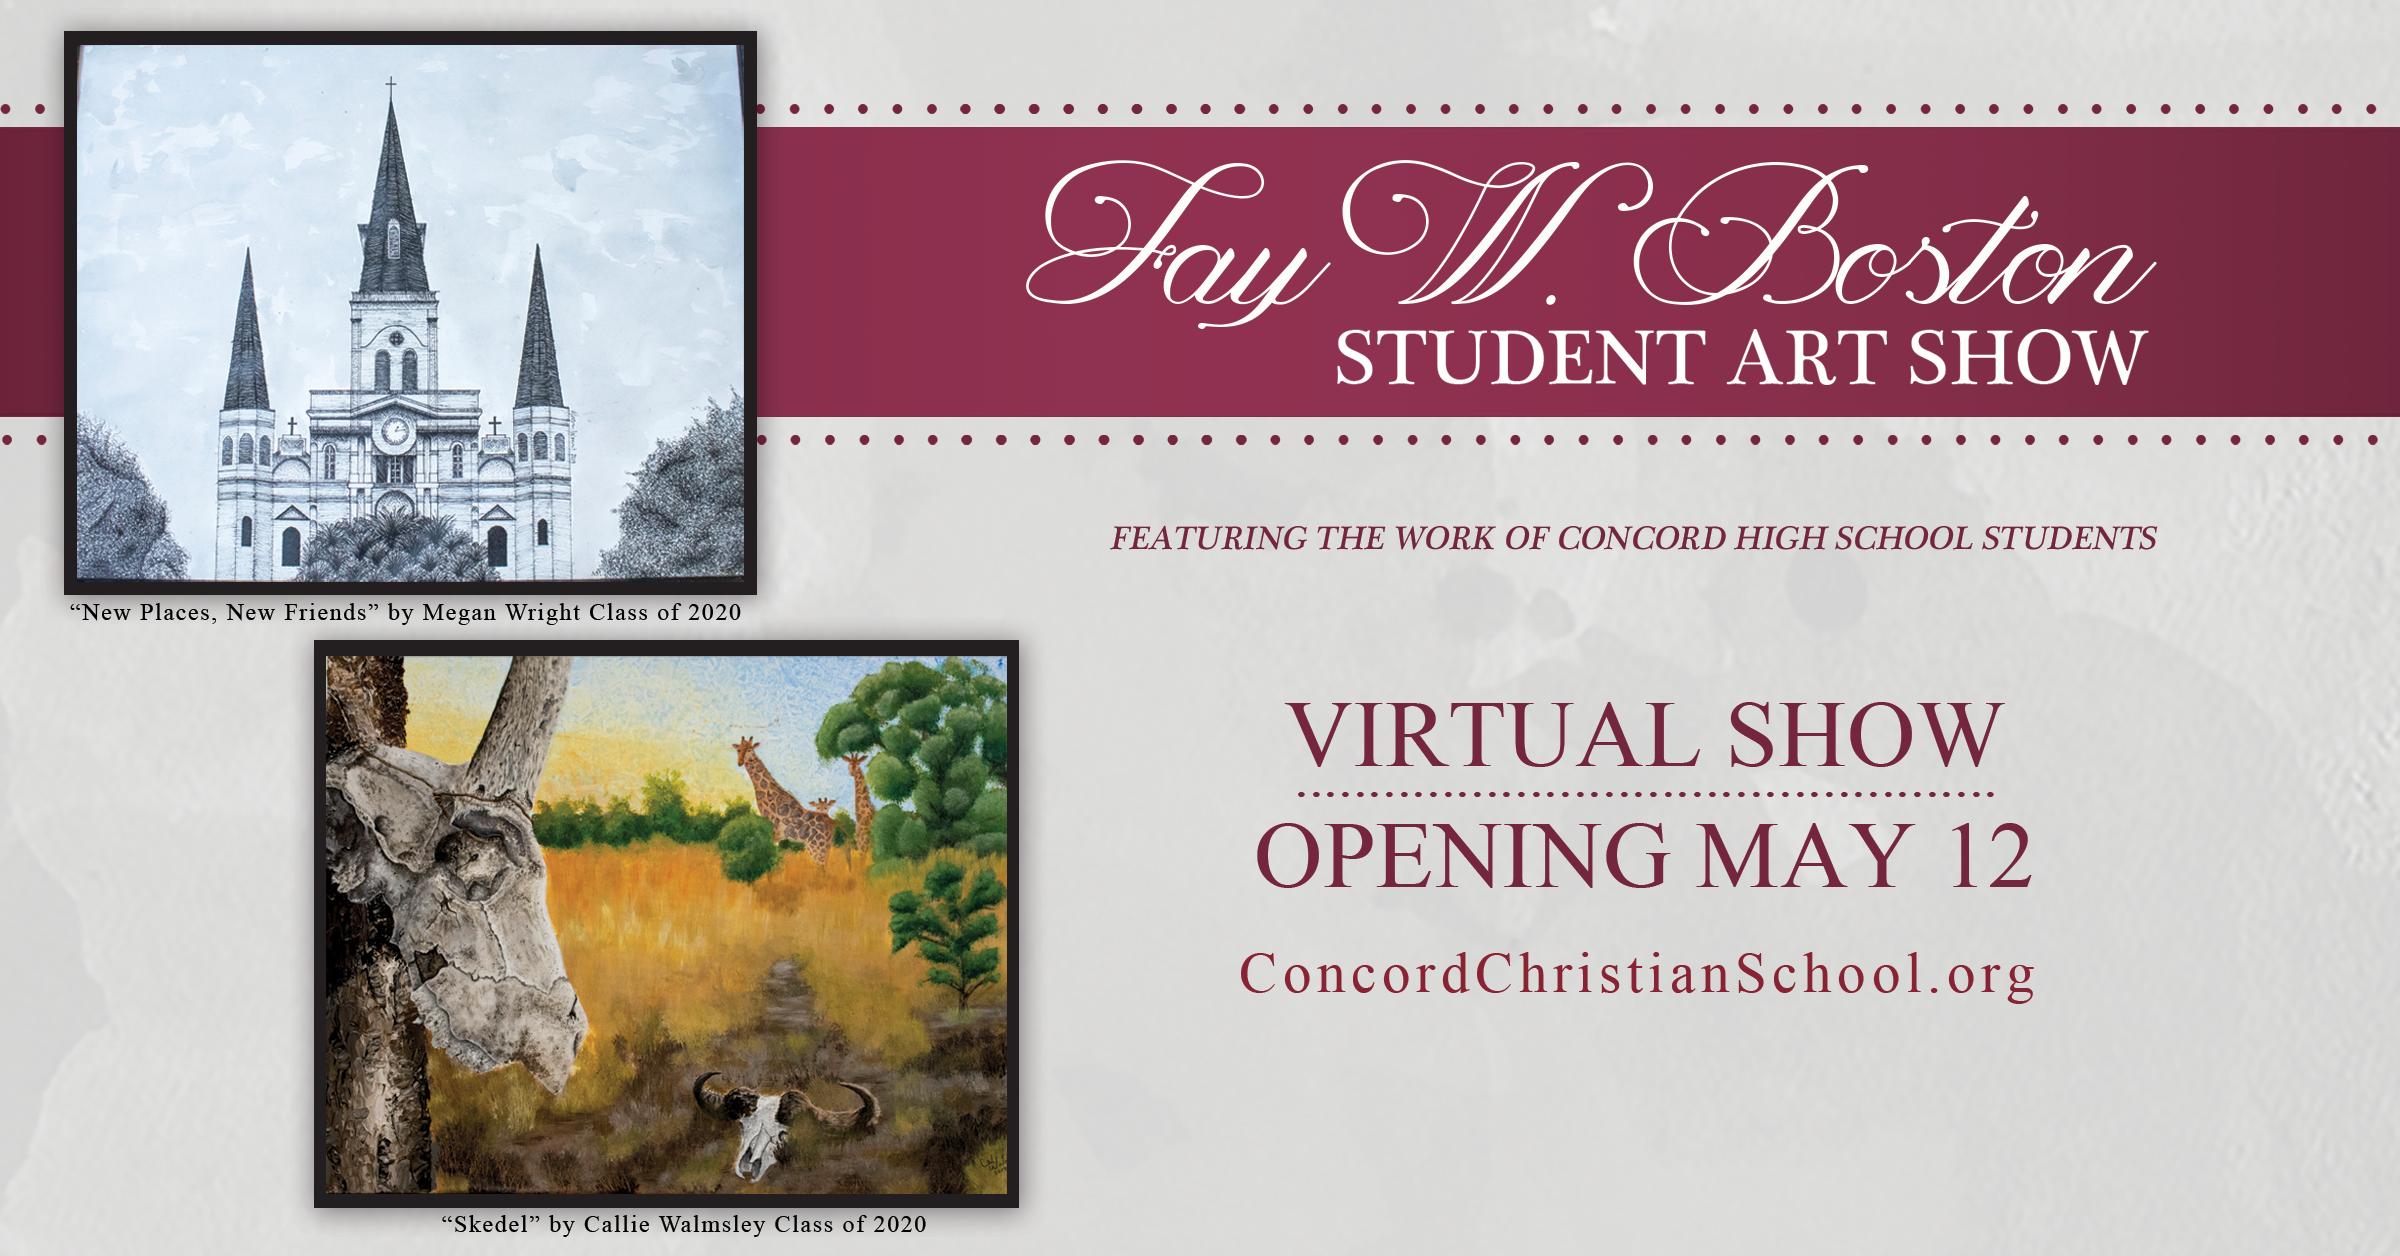 Fay W. Boston Art Show - Virtual Event